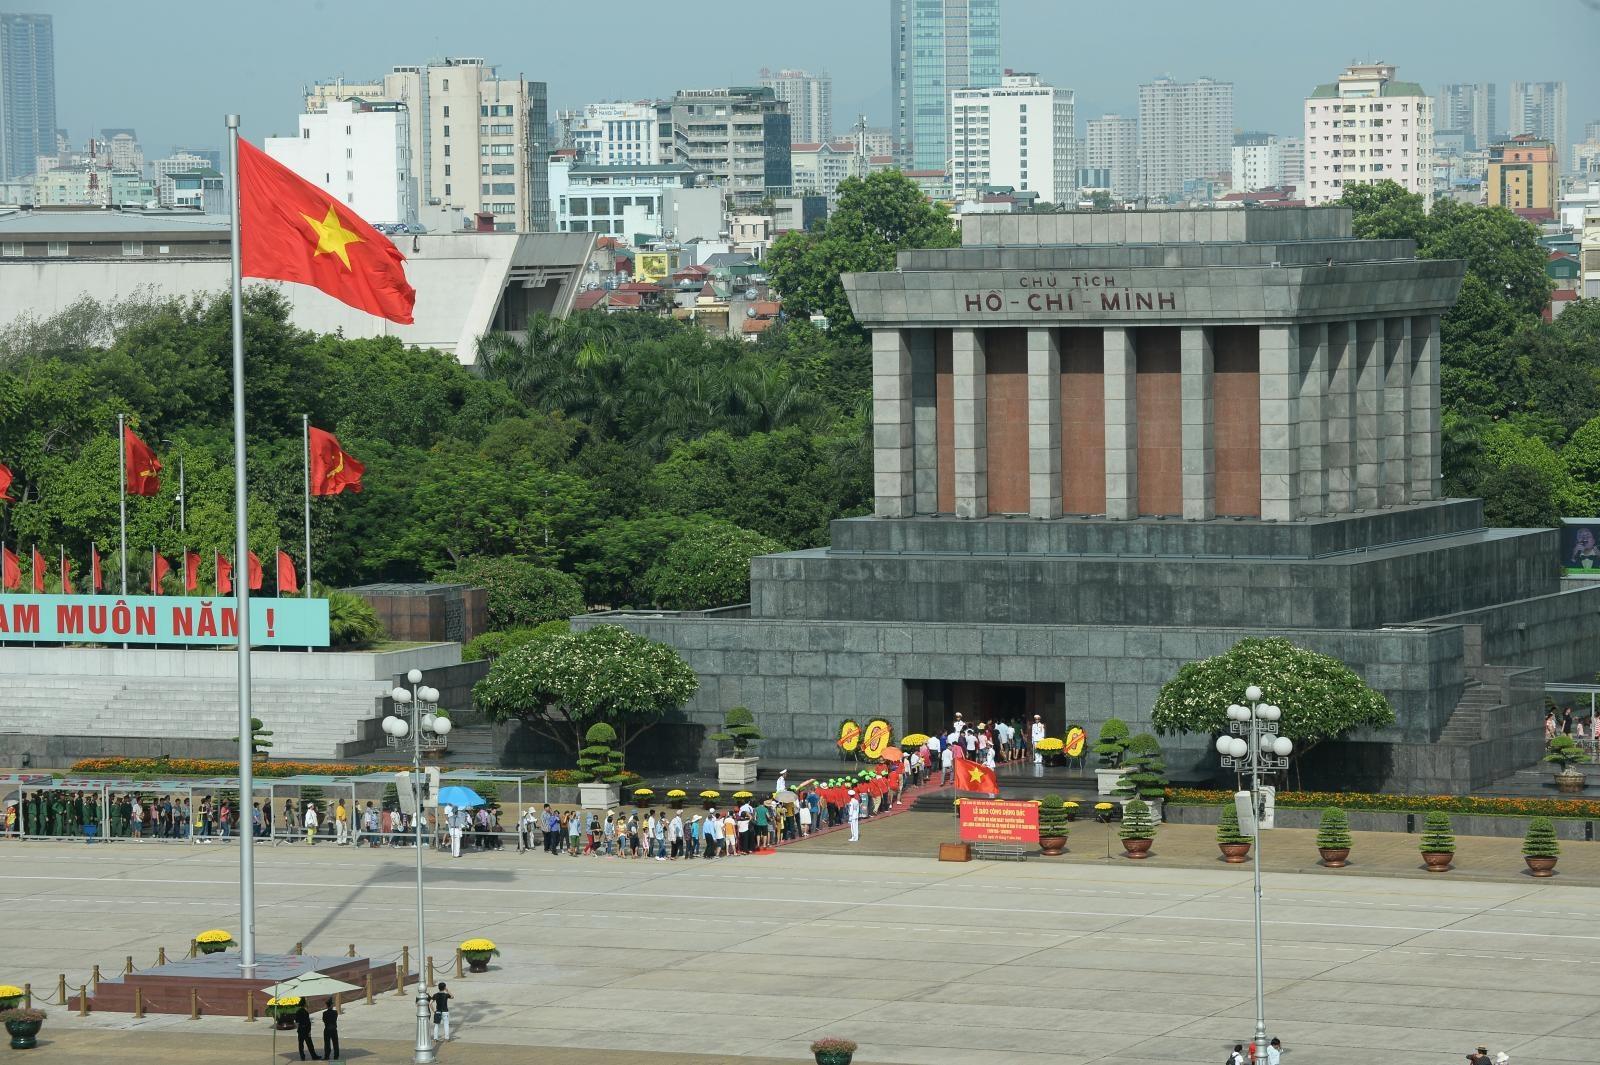 เวียดนาม-ไทยหุ้นส่วนยุทธศาสตร์ยิ่งใหญ่